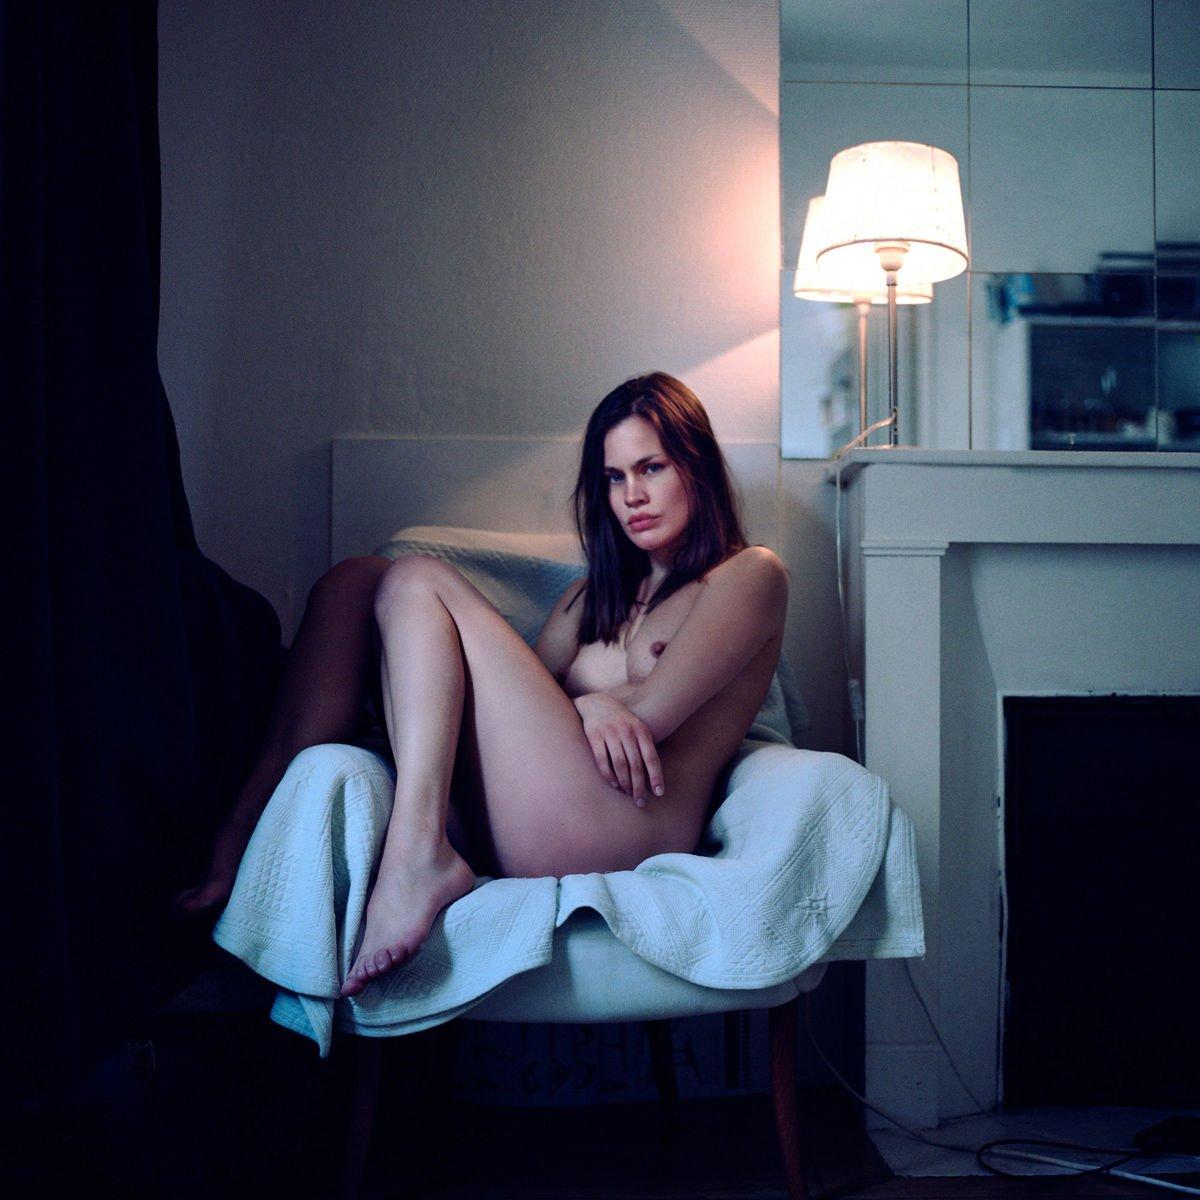 Annika Van Houten Porn - Annika Stenvall Nude & Sexy (59 Photos)